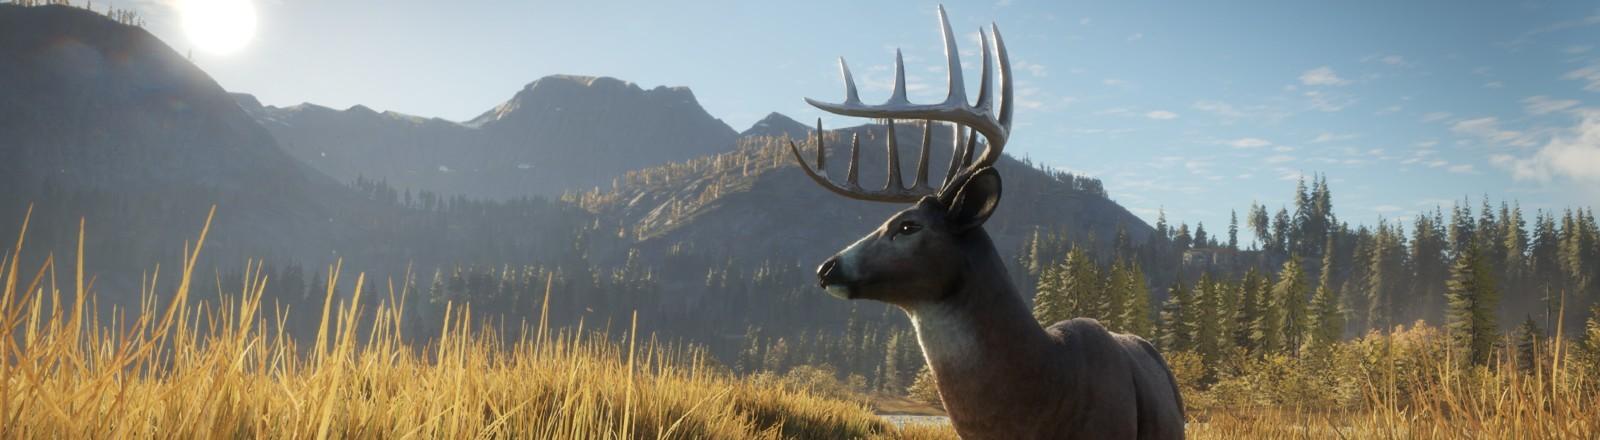 Ein Hirsch steht an einer schönen Lichtung